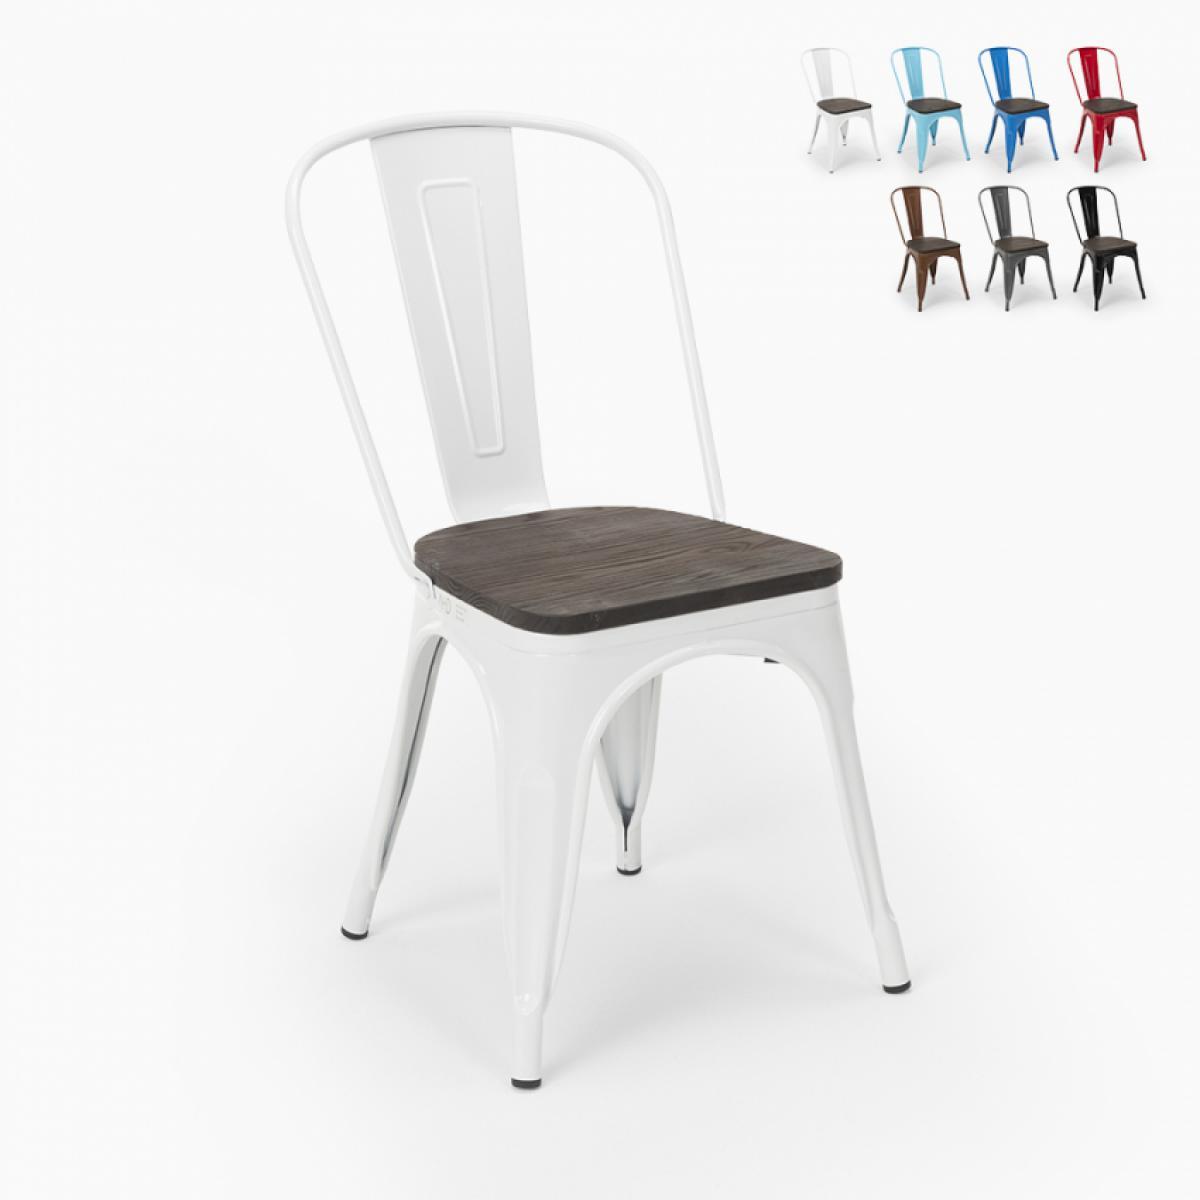 Ahd Amazing Home Design Chaises industrielles en bois et acier Tolix pour cuisine et bar Steel Wood, Couleur: Blanc